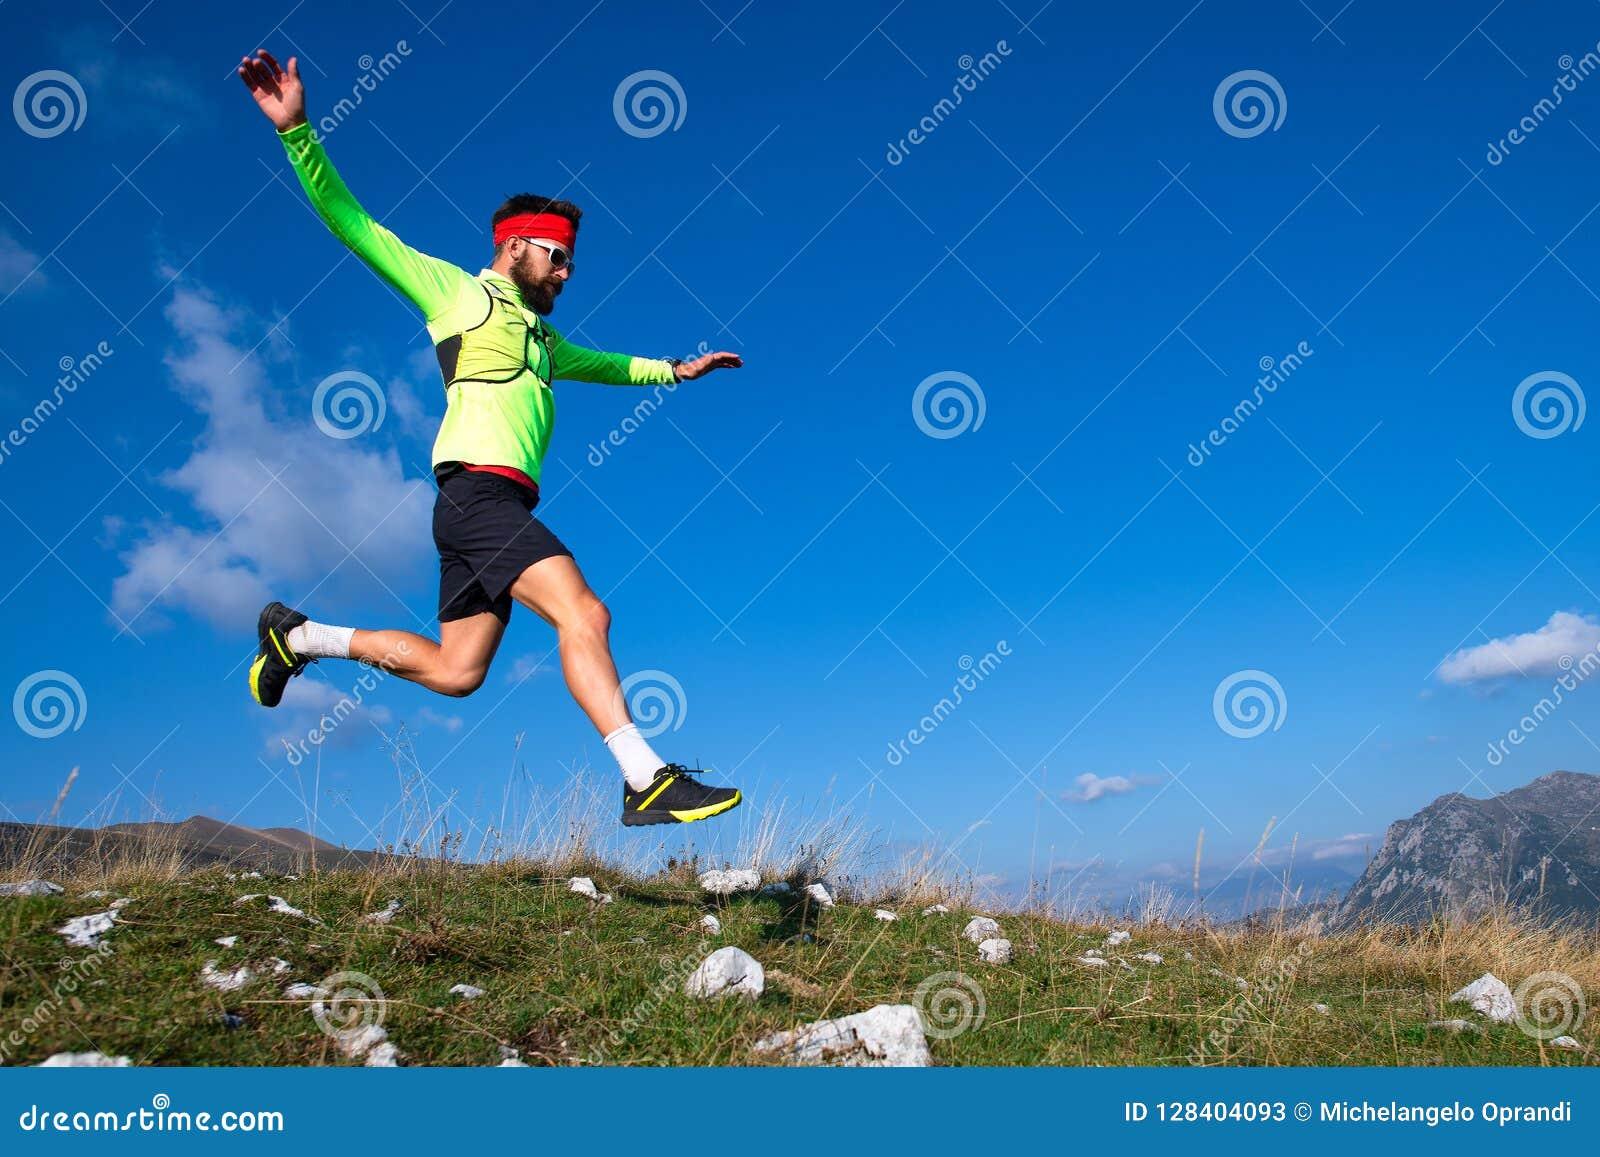 Skyrunner durante um salto em declive em prados da montanha